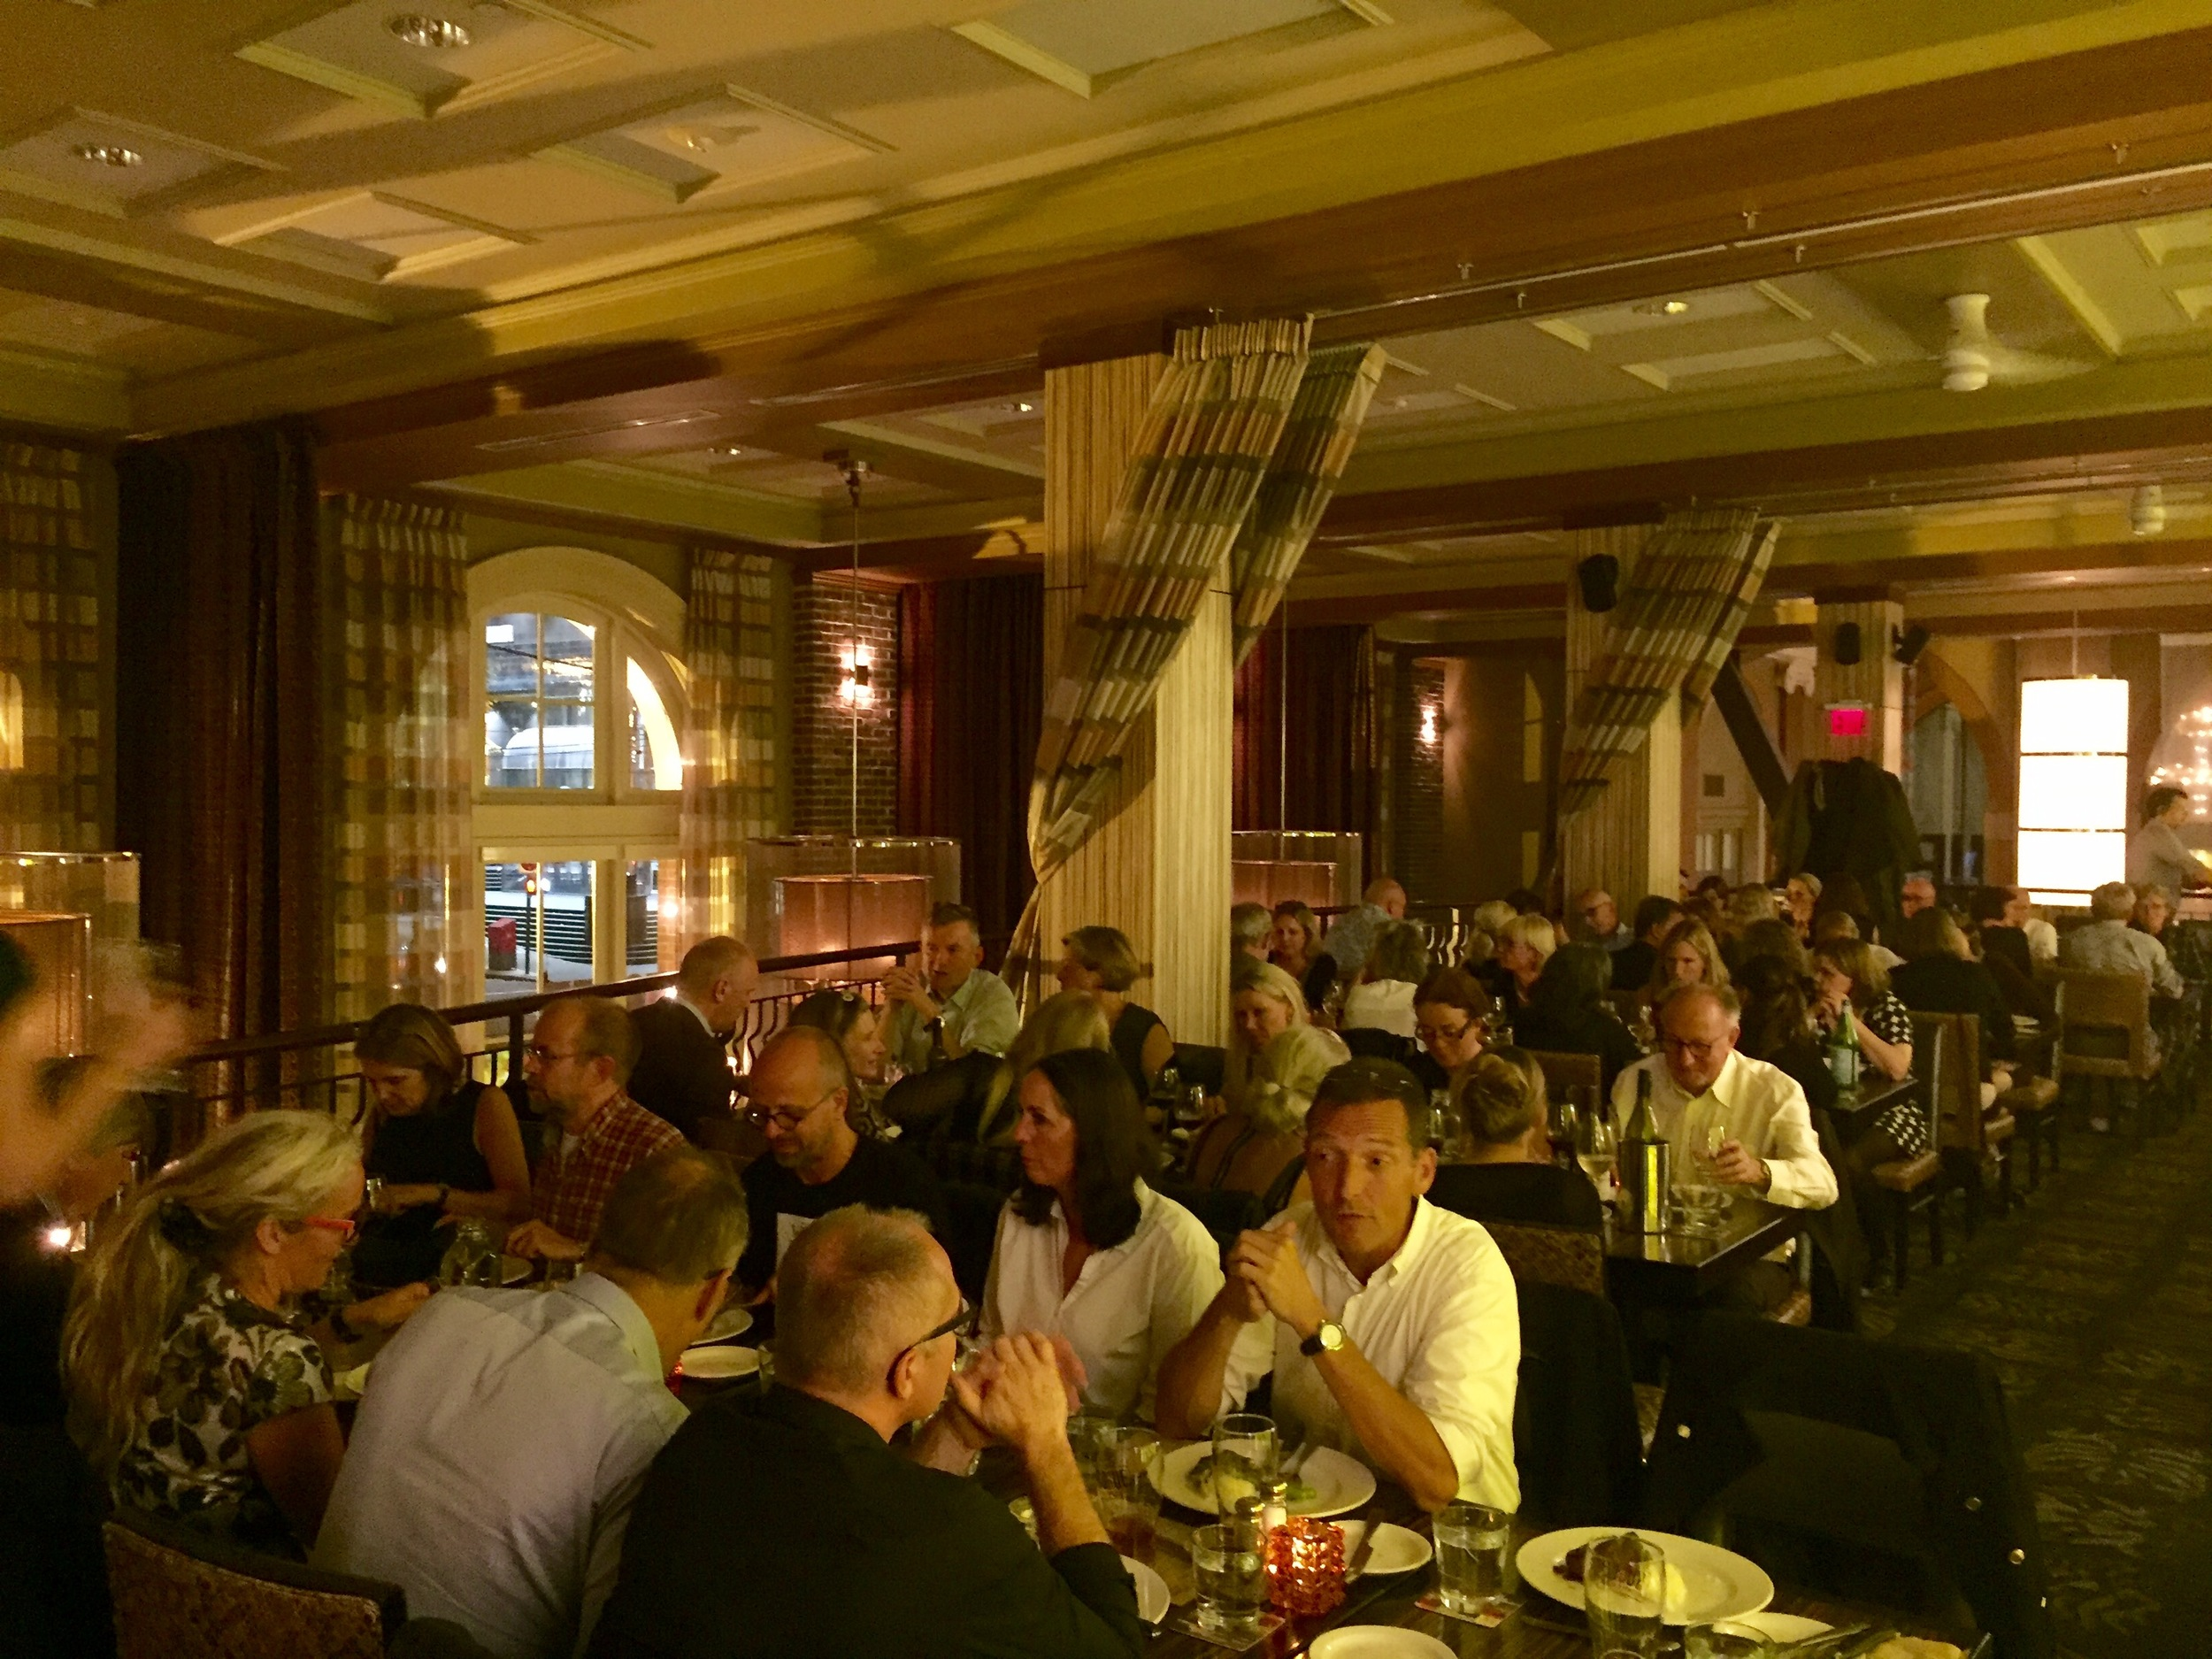 Over 50 deltagere til 'Danskermiddagen' sidste aften